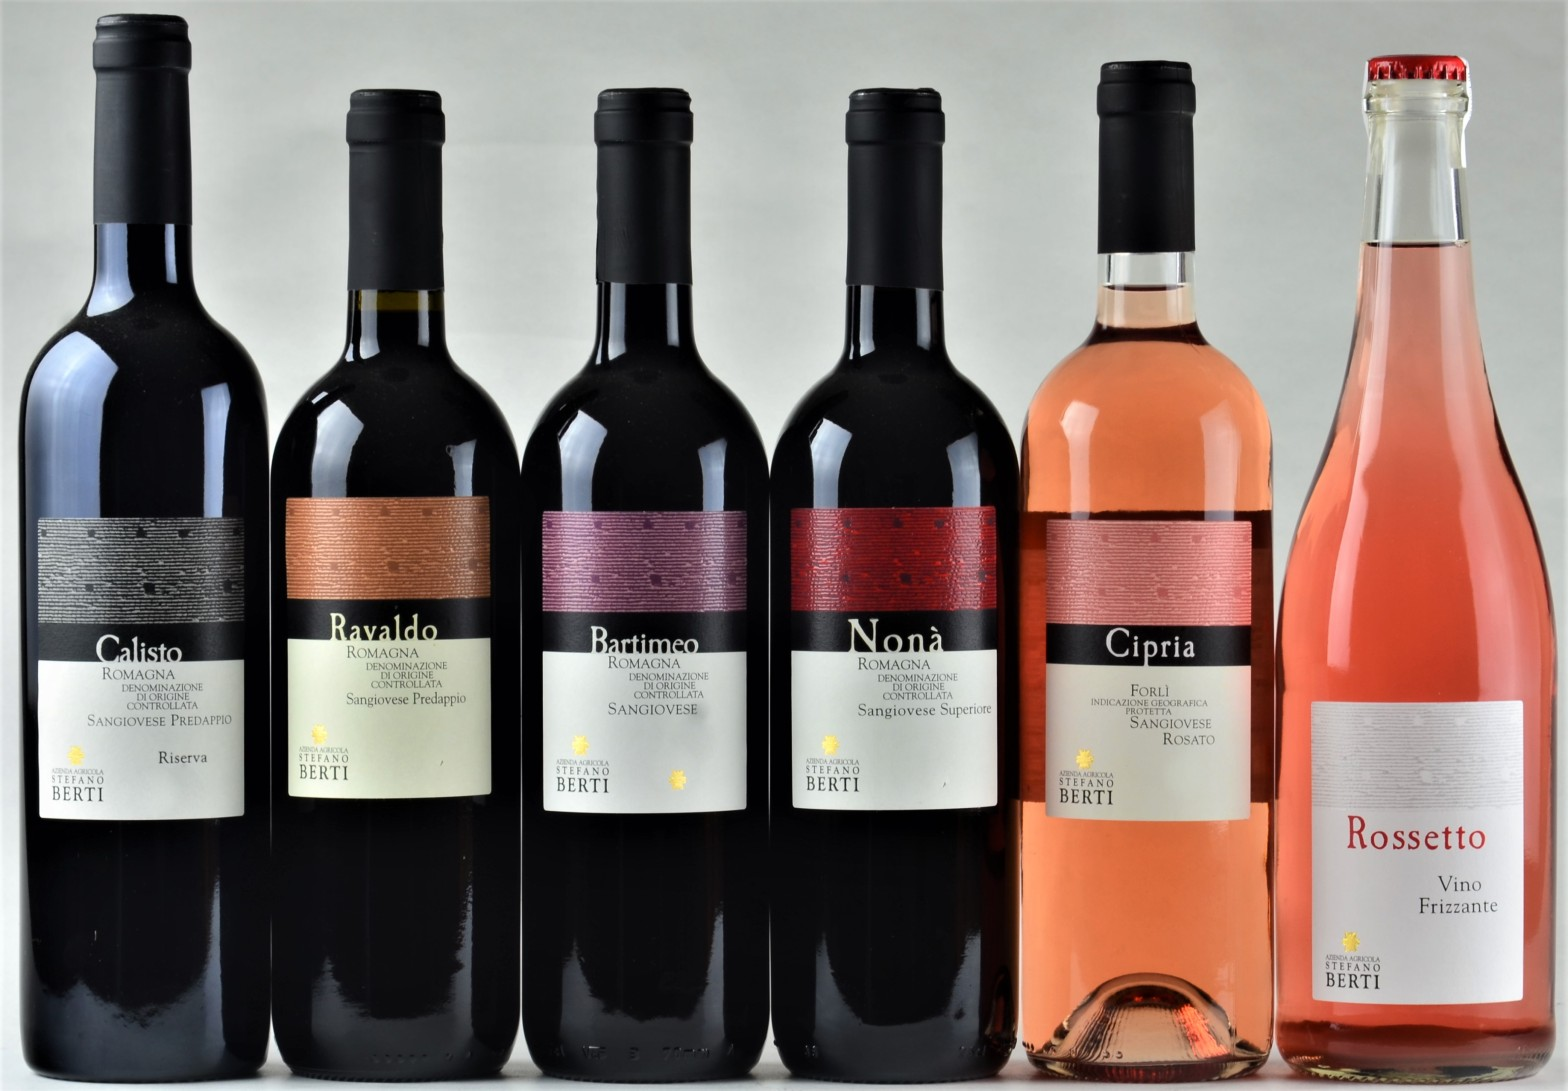 I vini da uve sangiovese prodotti nell'azienda Stefano Berti a Predappio : Calisto, Ravaldo , Bartimeo , Nonà, Cipria e Rossetto.